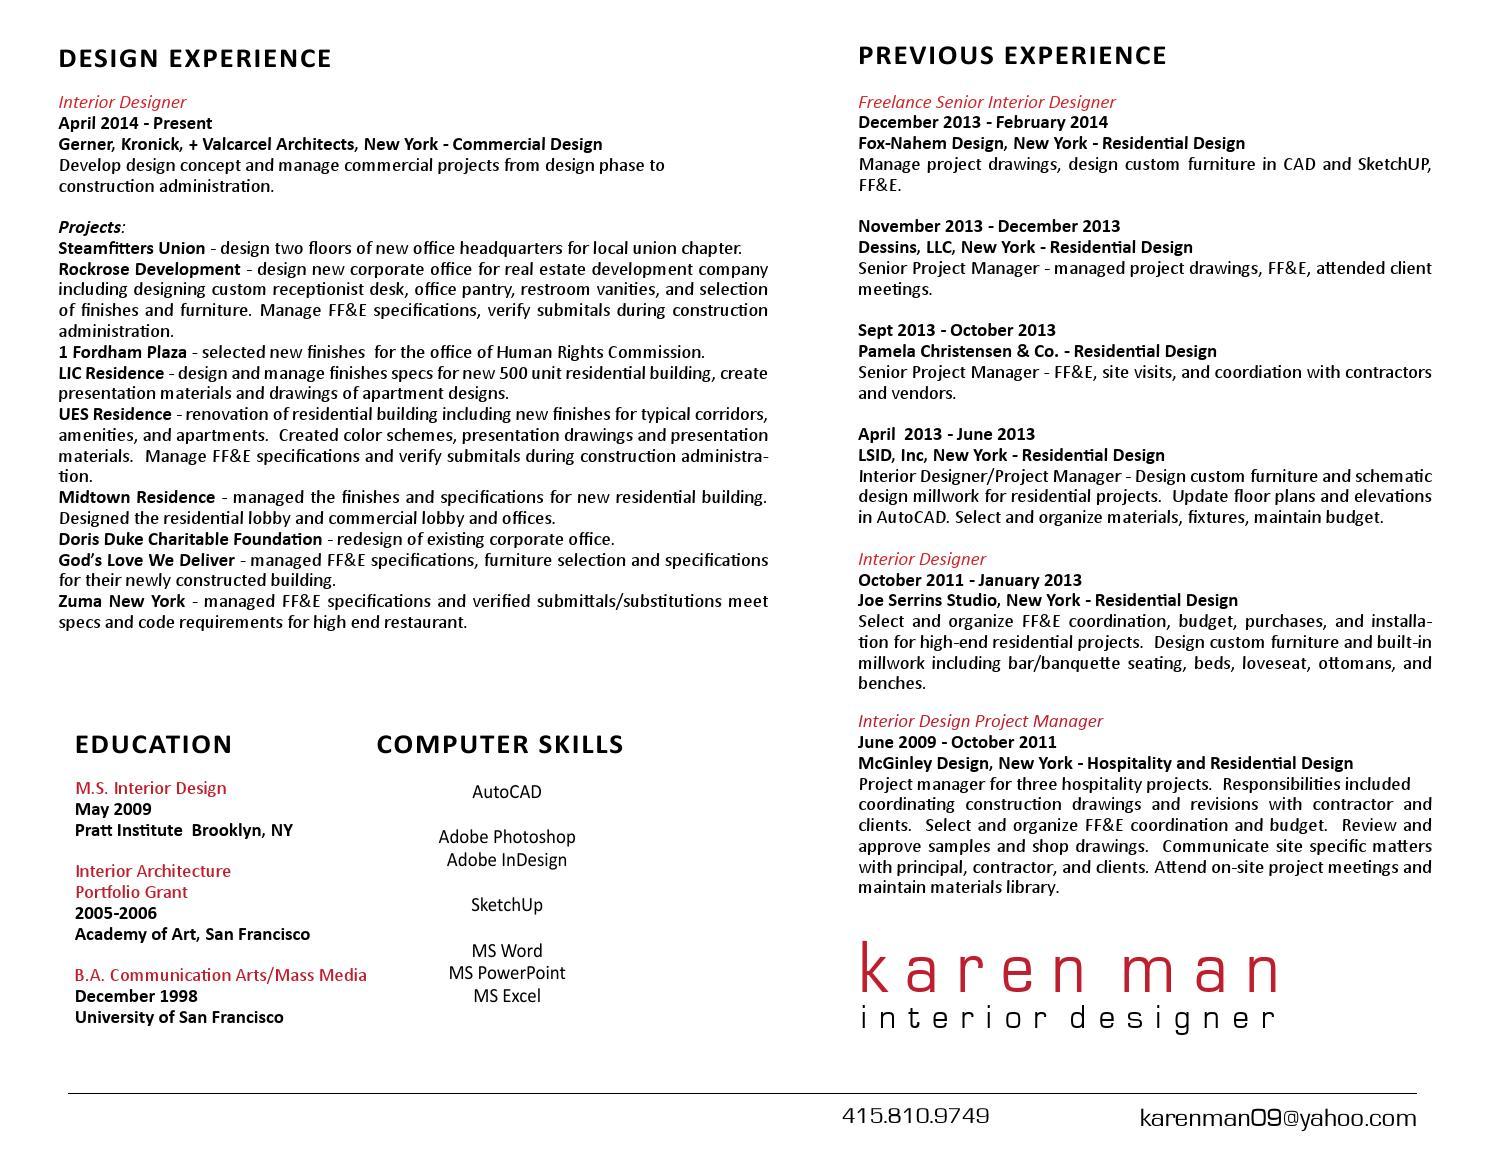 Karenman Resume By Karen Man